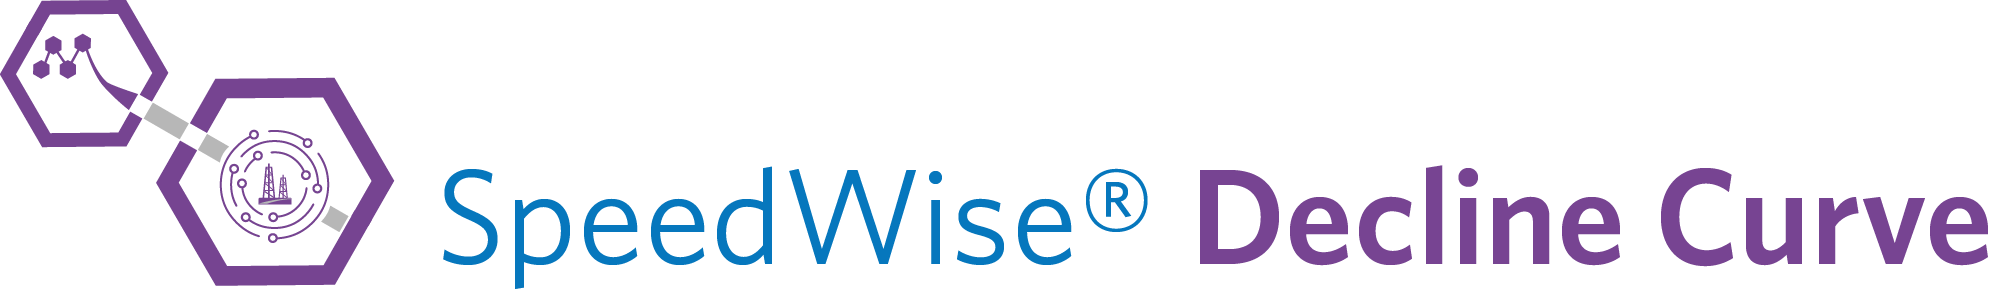 SDC - SpeedWise Decline Curve logo